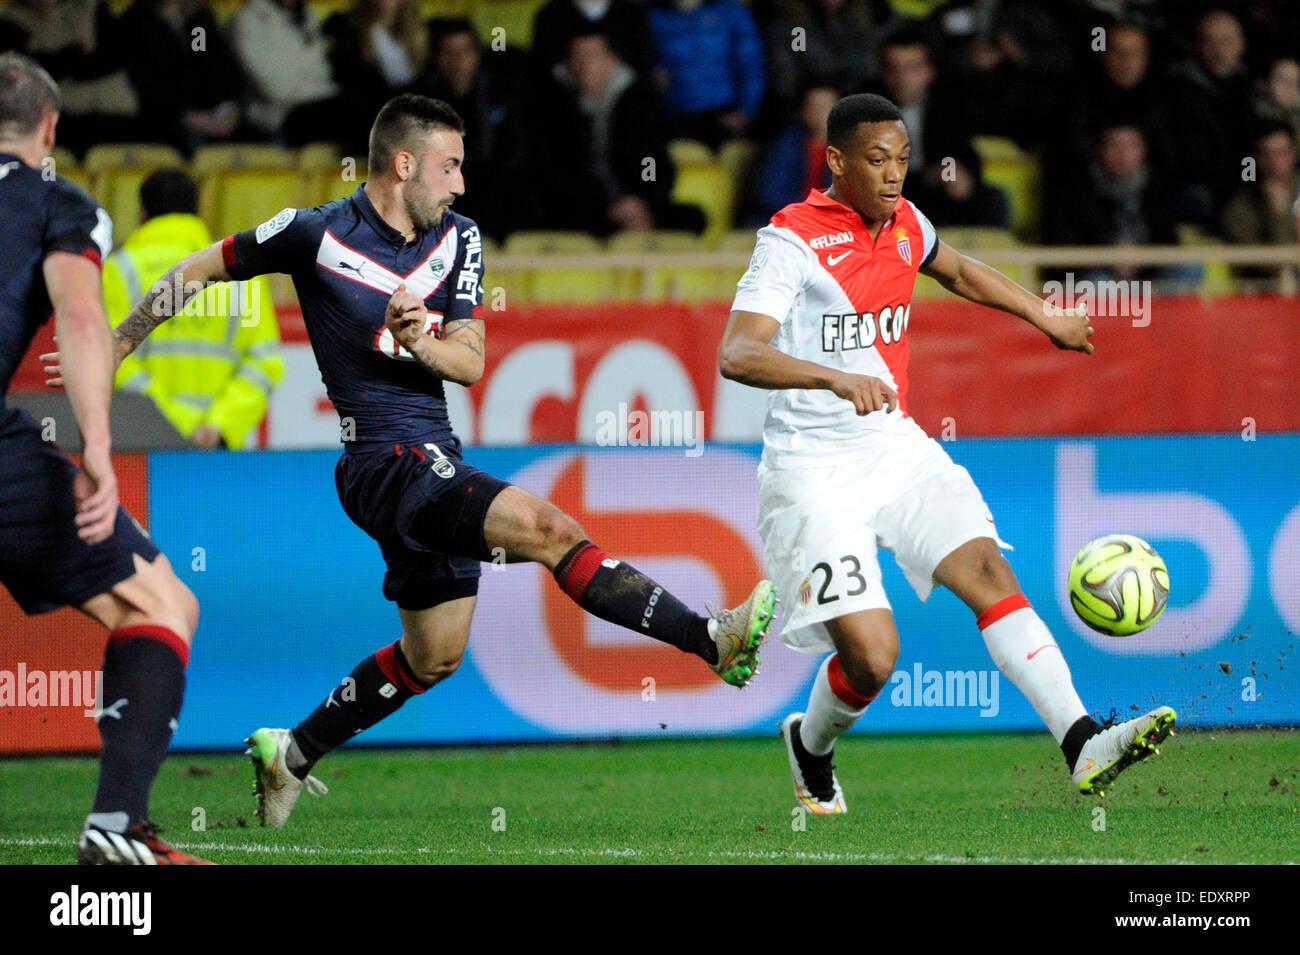 Il Principato di Monaco, Francia. Xi gen, 2015. French League calcio 1. Il Principato di Monaco contro il Bordeaux. Immagini Stock